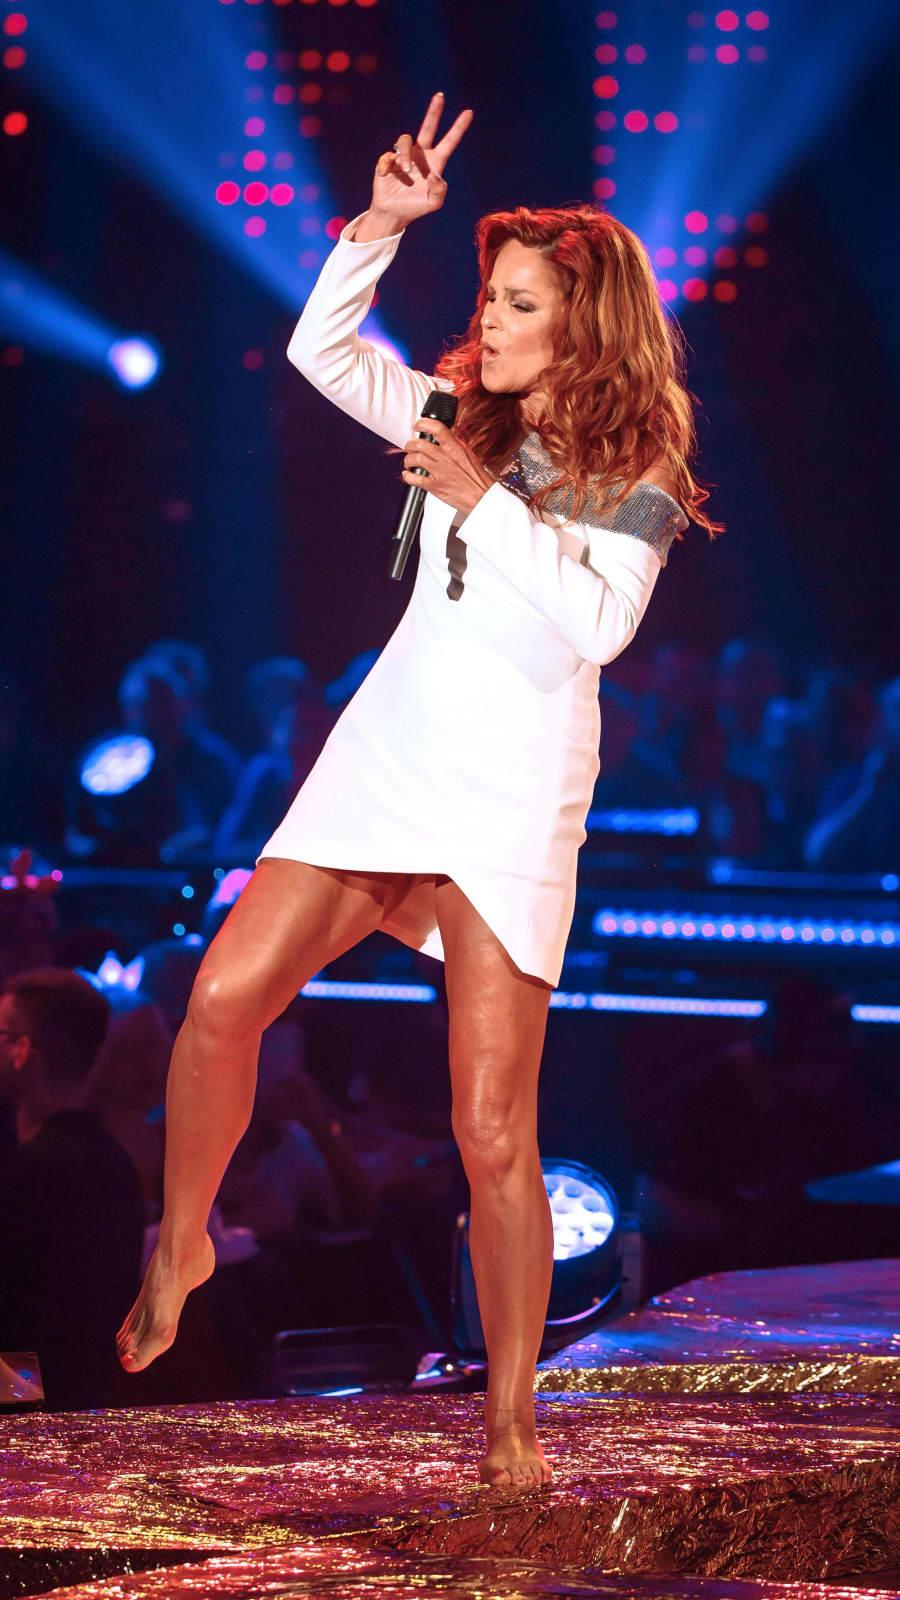 Andrea Berg im knappen Minikleid und barfuß auf der Bühne